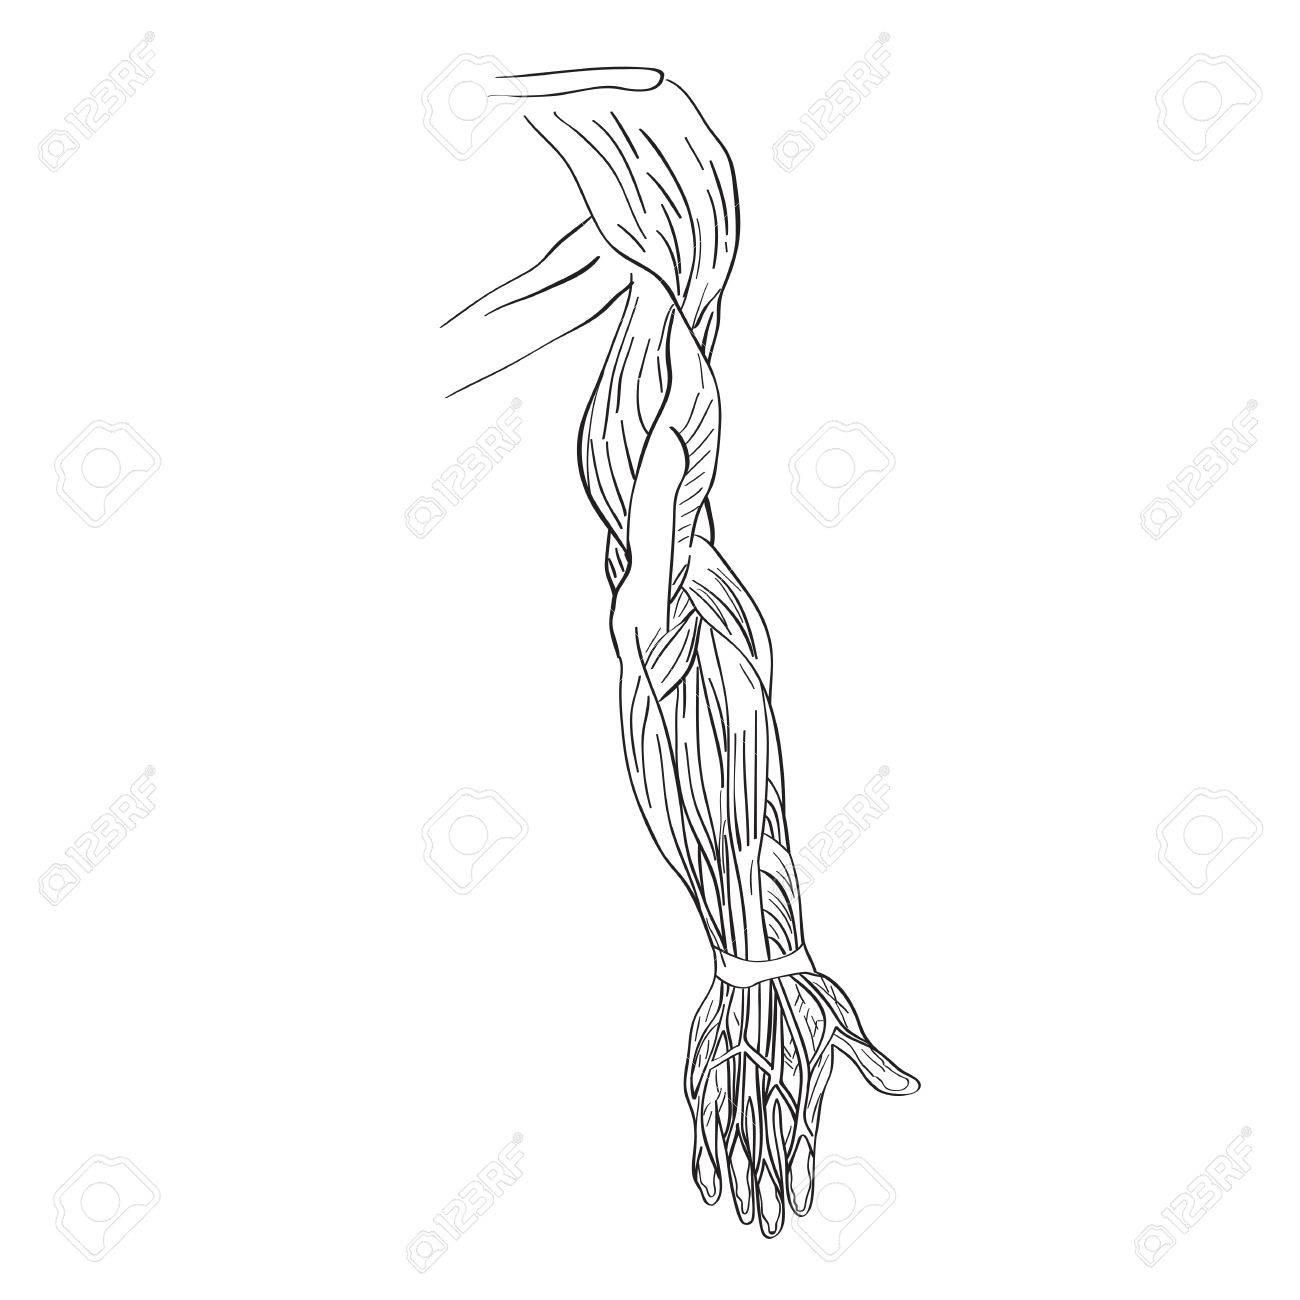 Darstellung der Armmuskeln, künstlerische Anatomie Grafik Studie